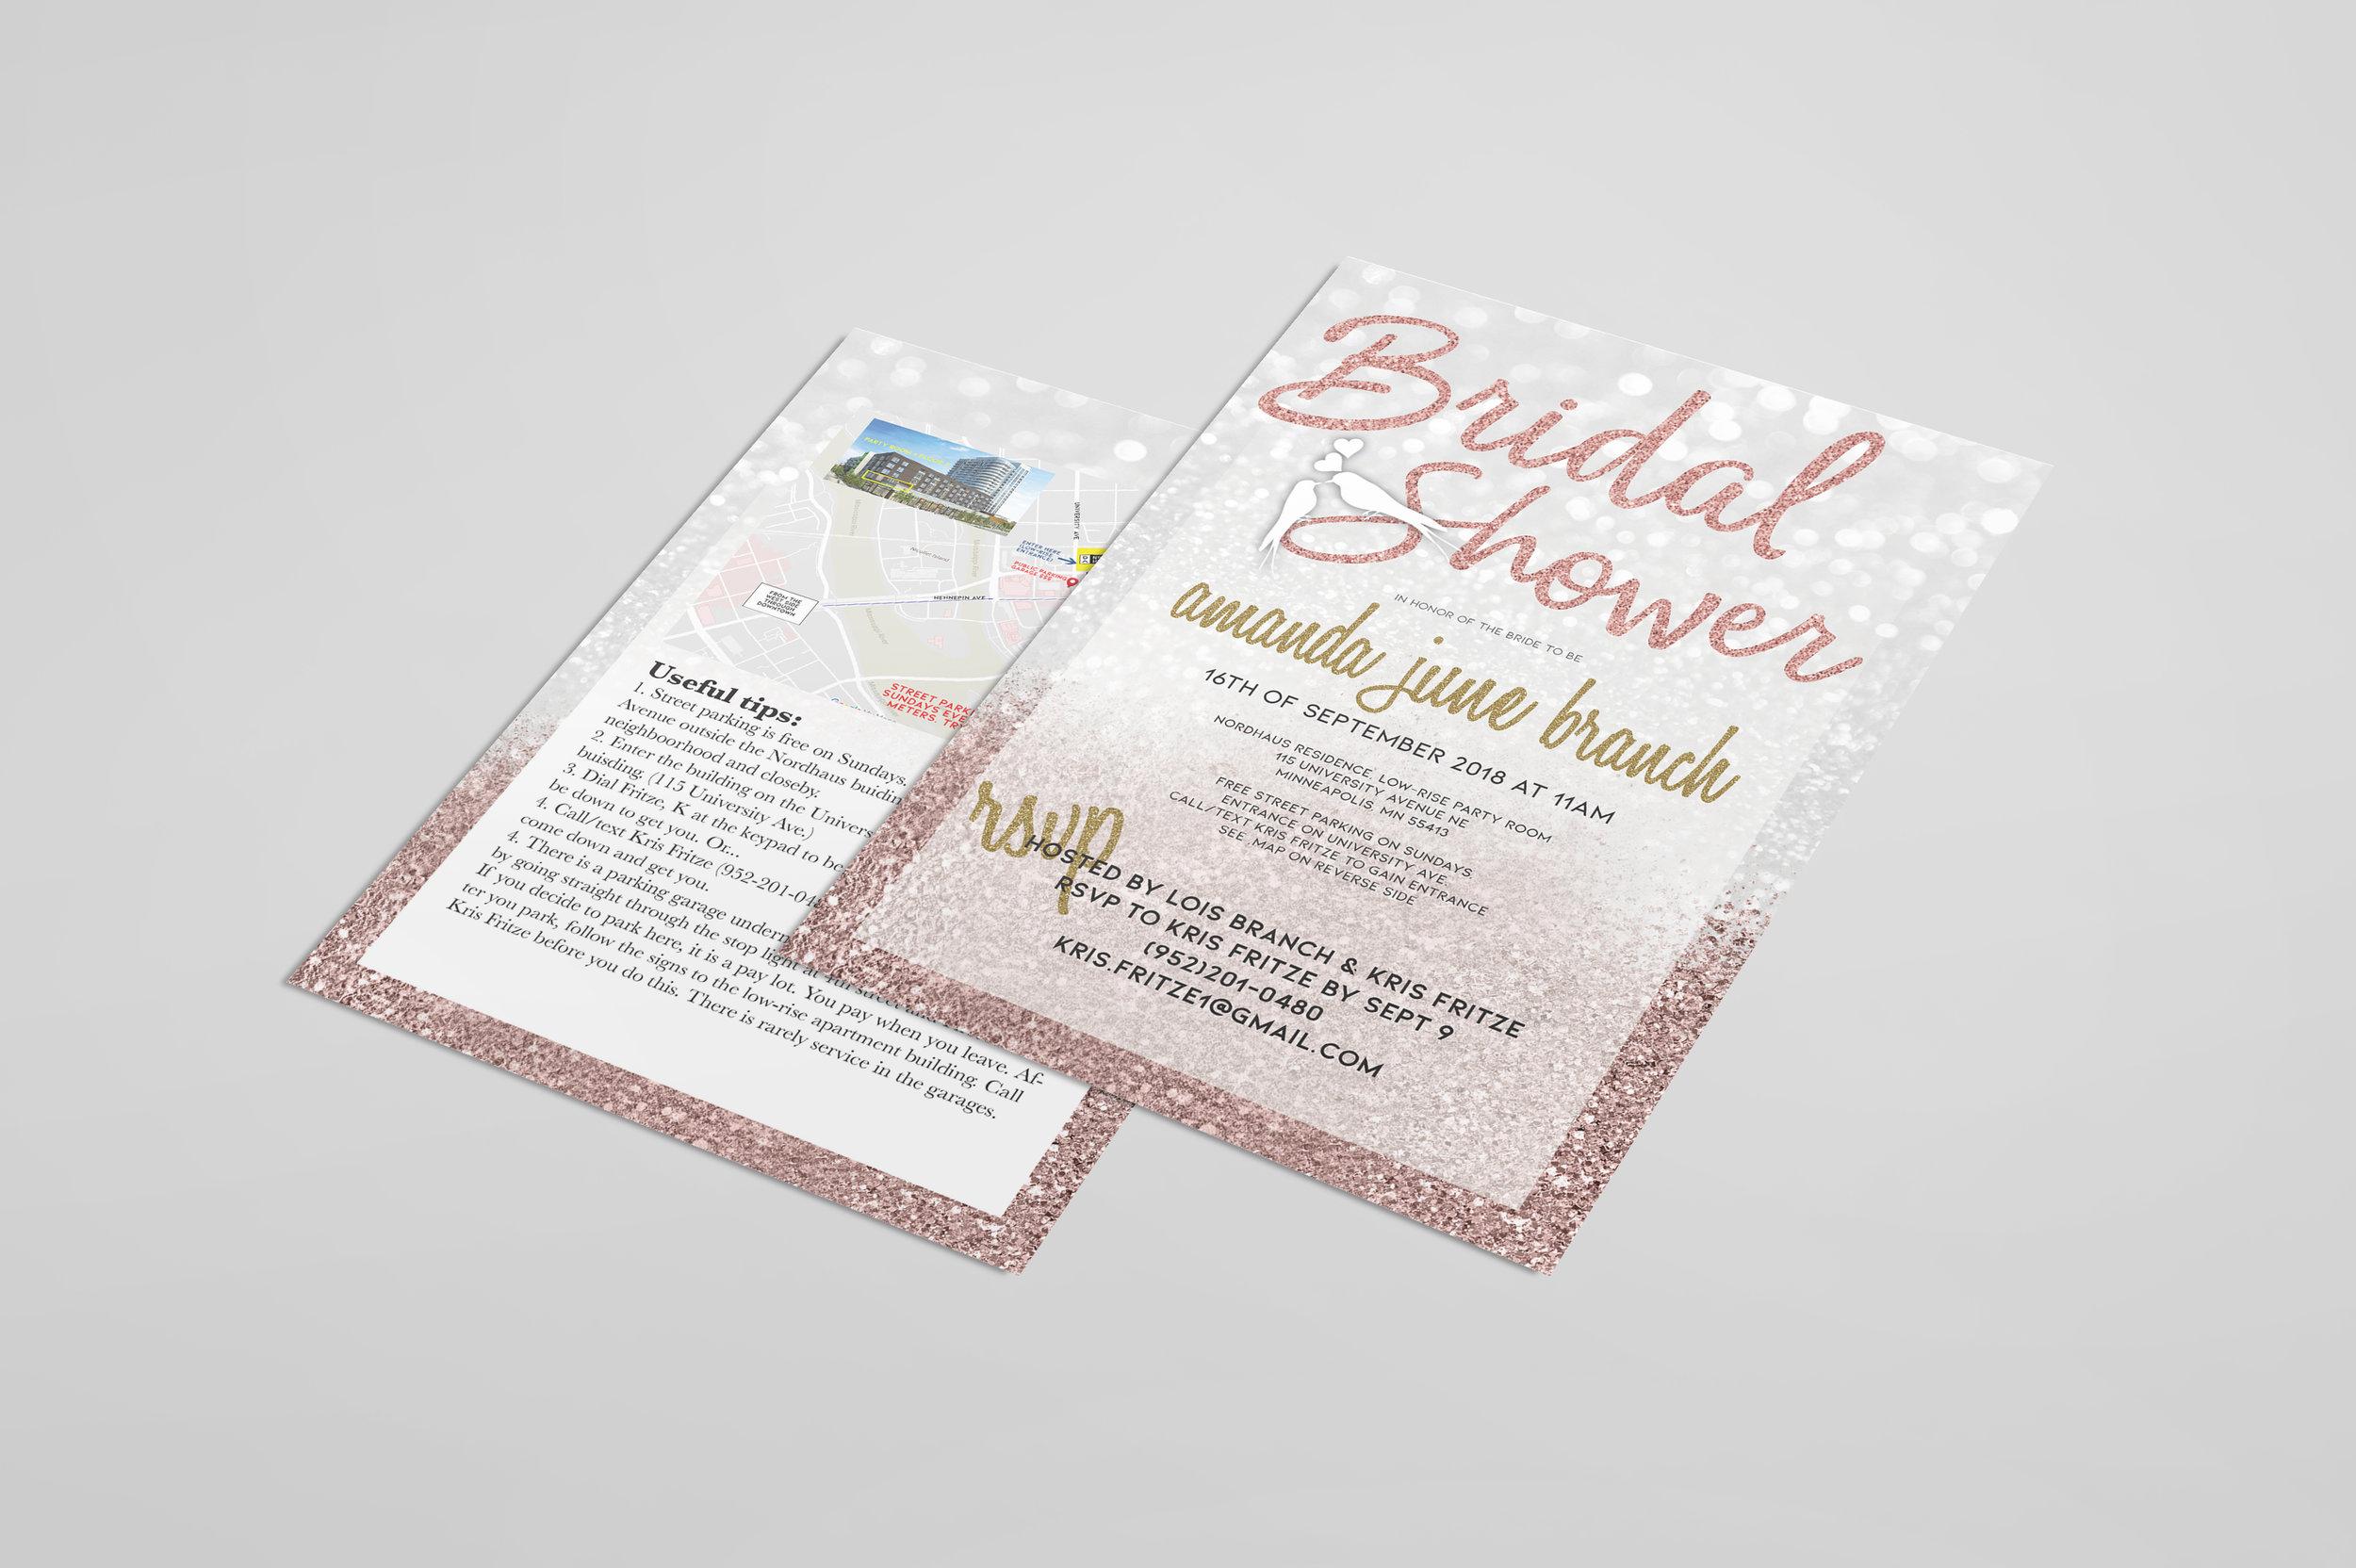 bridal shower invitation by wednesday media.jpg